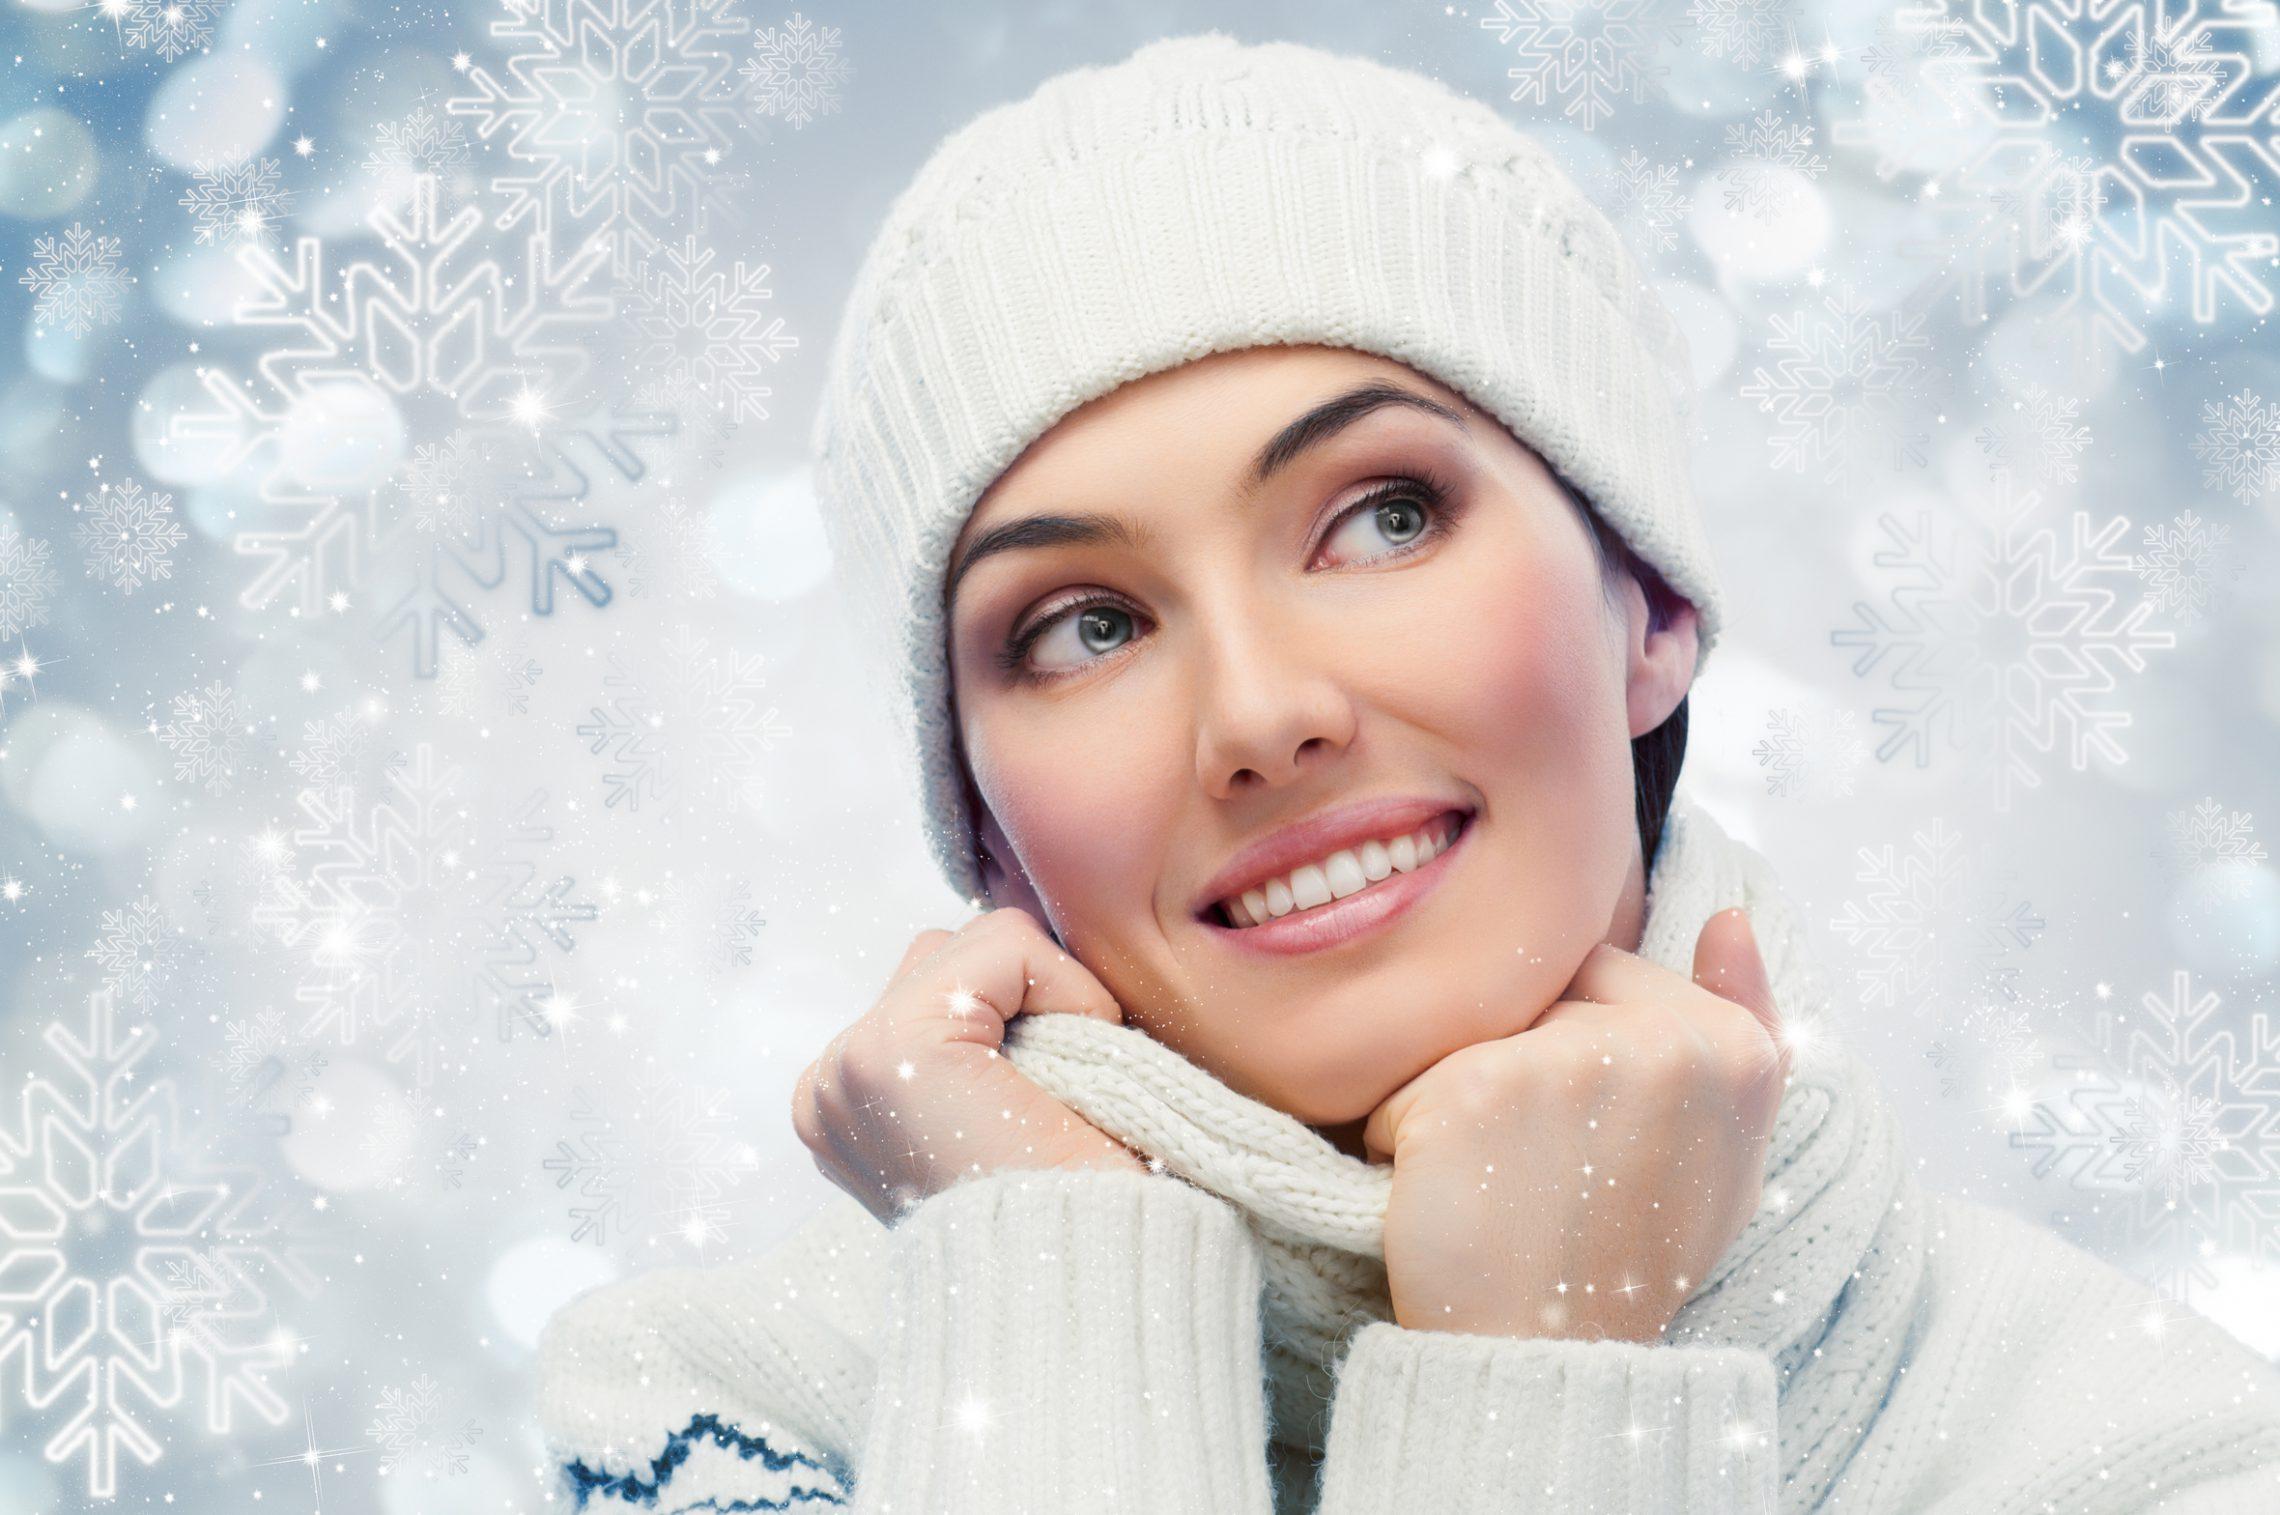 Jak pielęgnować skórę zimą: 6 skutecznych rad